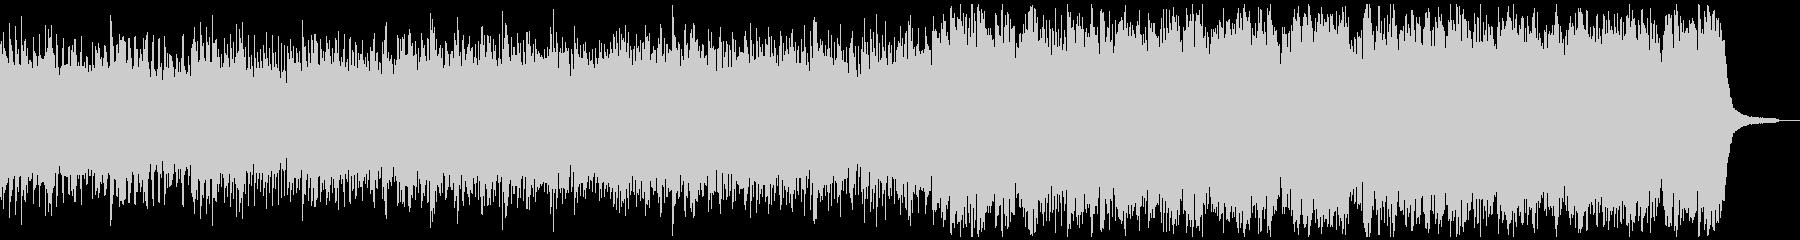 ピアノと民族コーラス 後半の弦がゆったりの未再生の波形